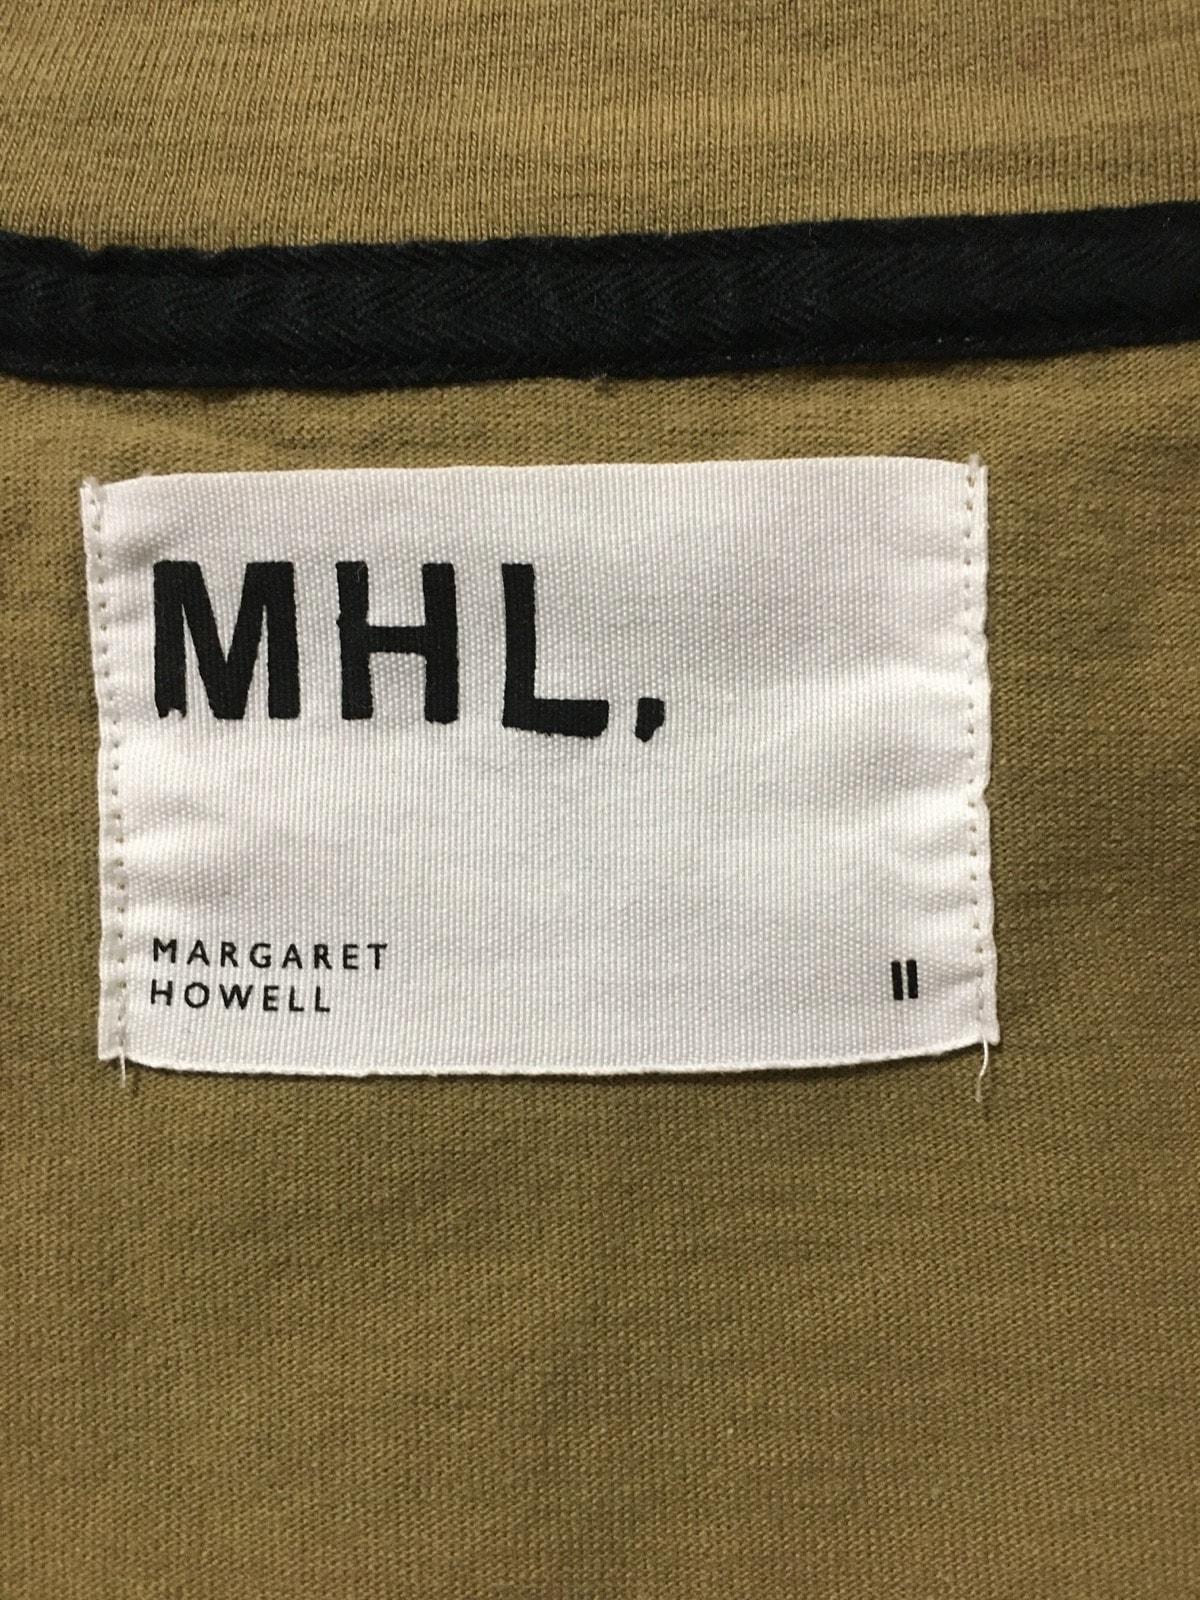 MHL.(マーガレットハウエル)のカットソー